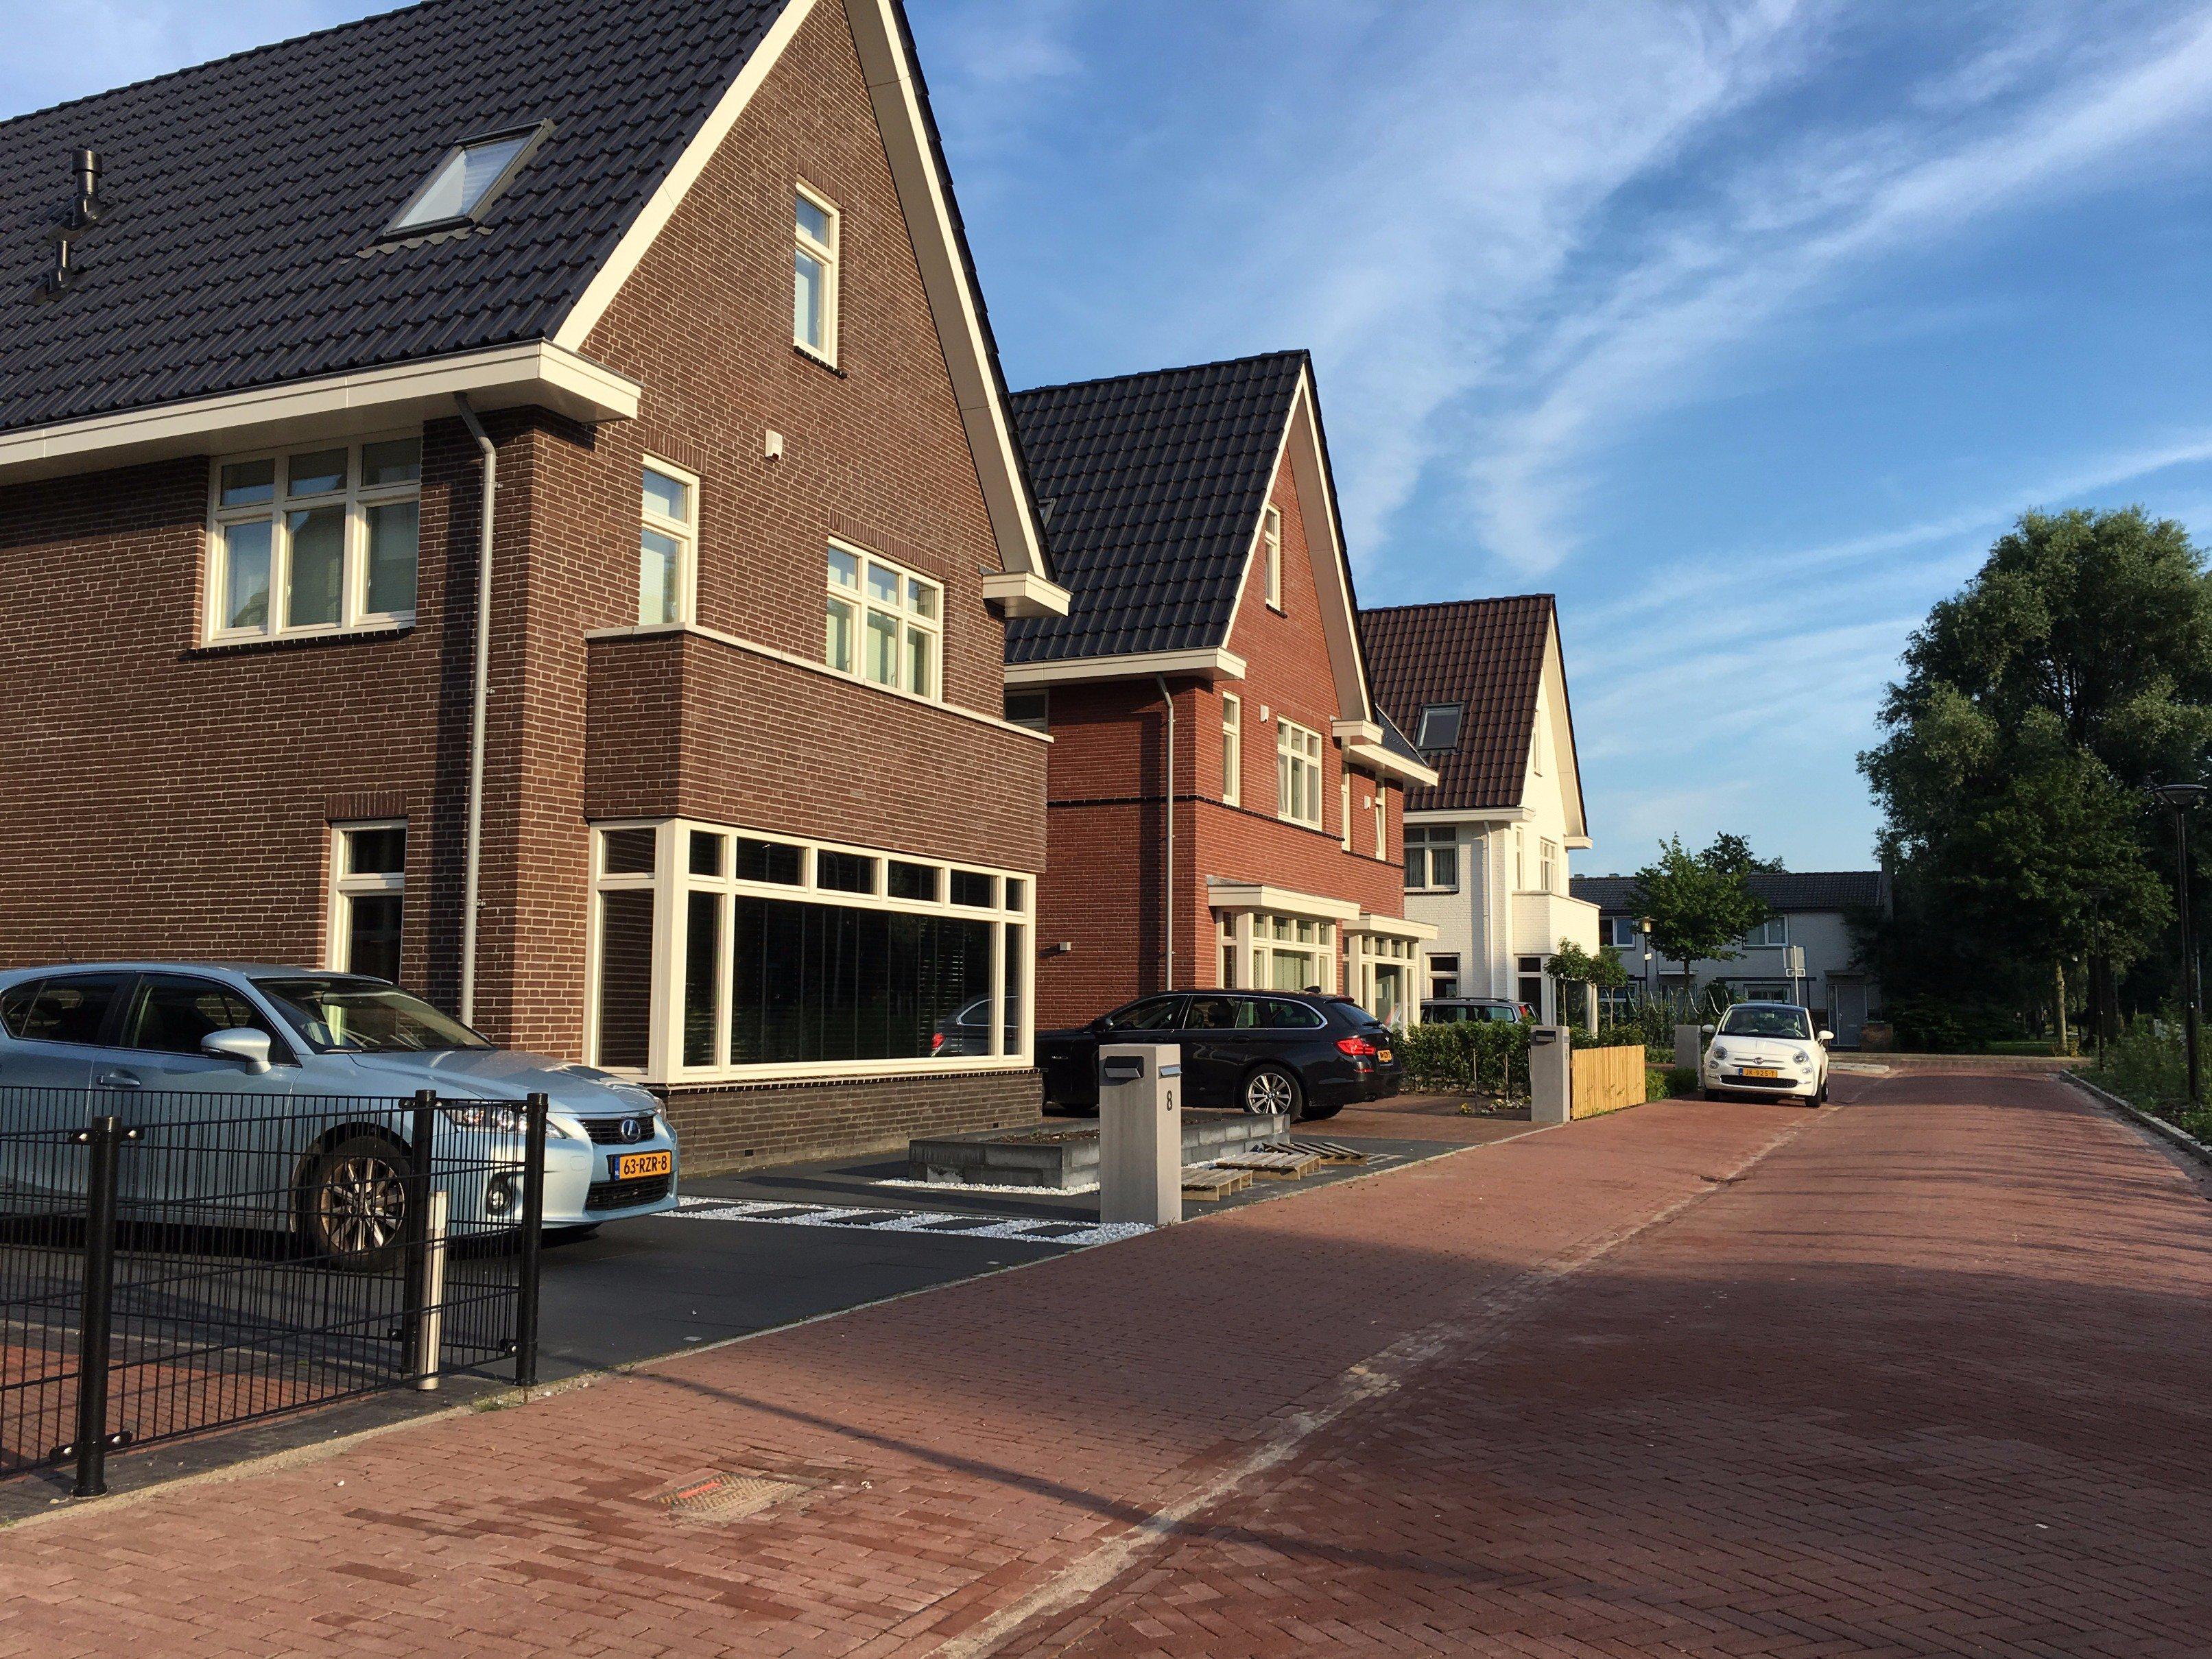 Vier huizen op rij met een Jablotron 100